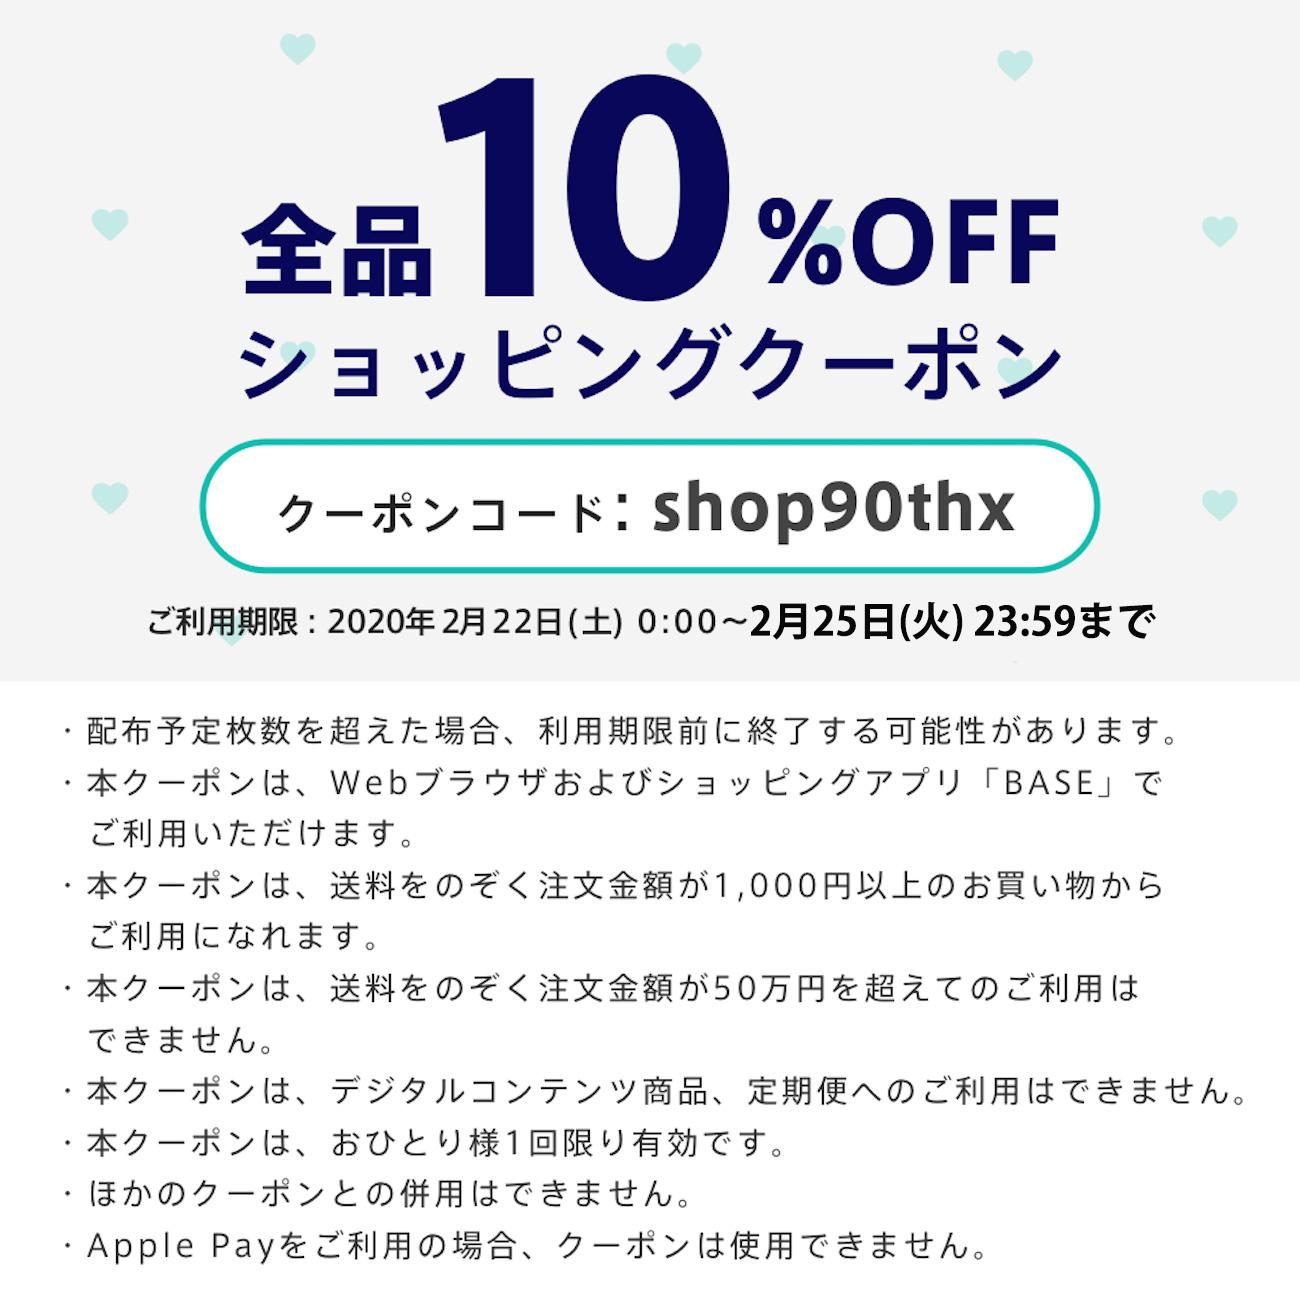 【本日終了!!】全品10%OFF ショッピングクーポン☆